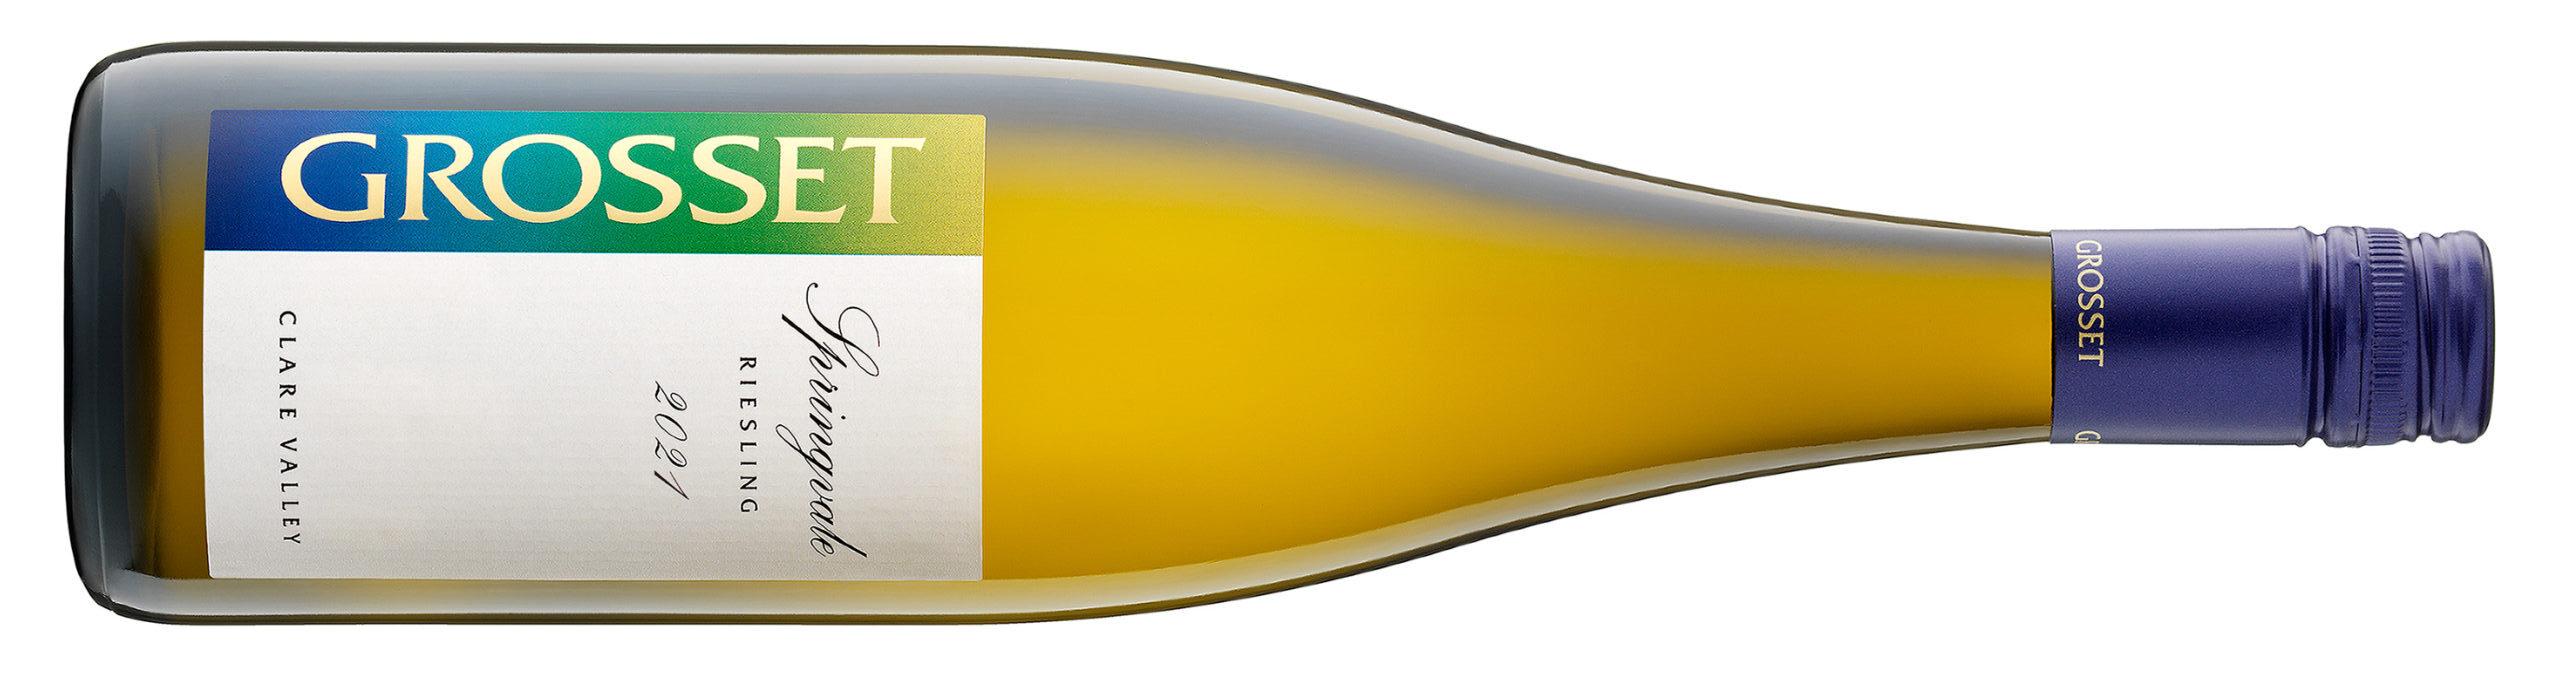 Bottle image of Grosset Springvale Riesling 2021